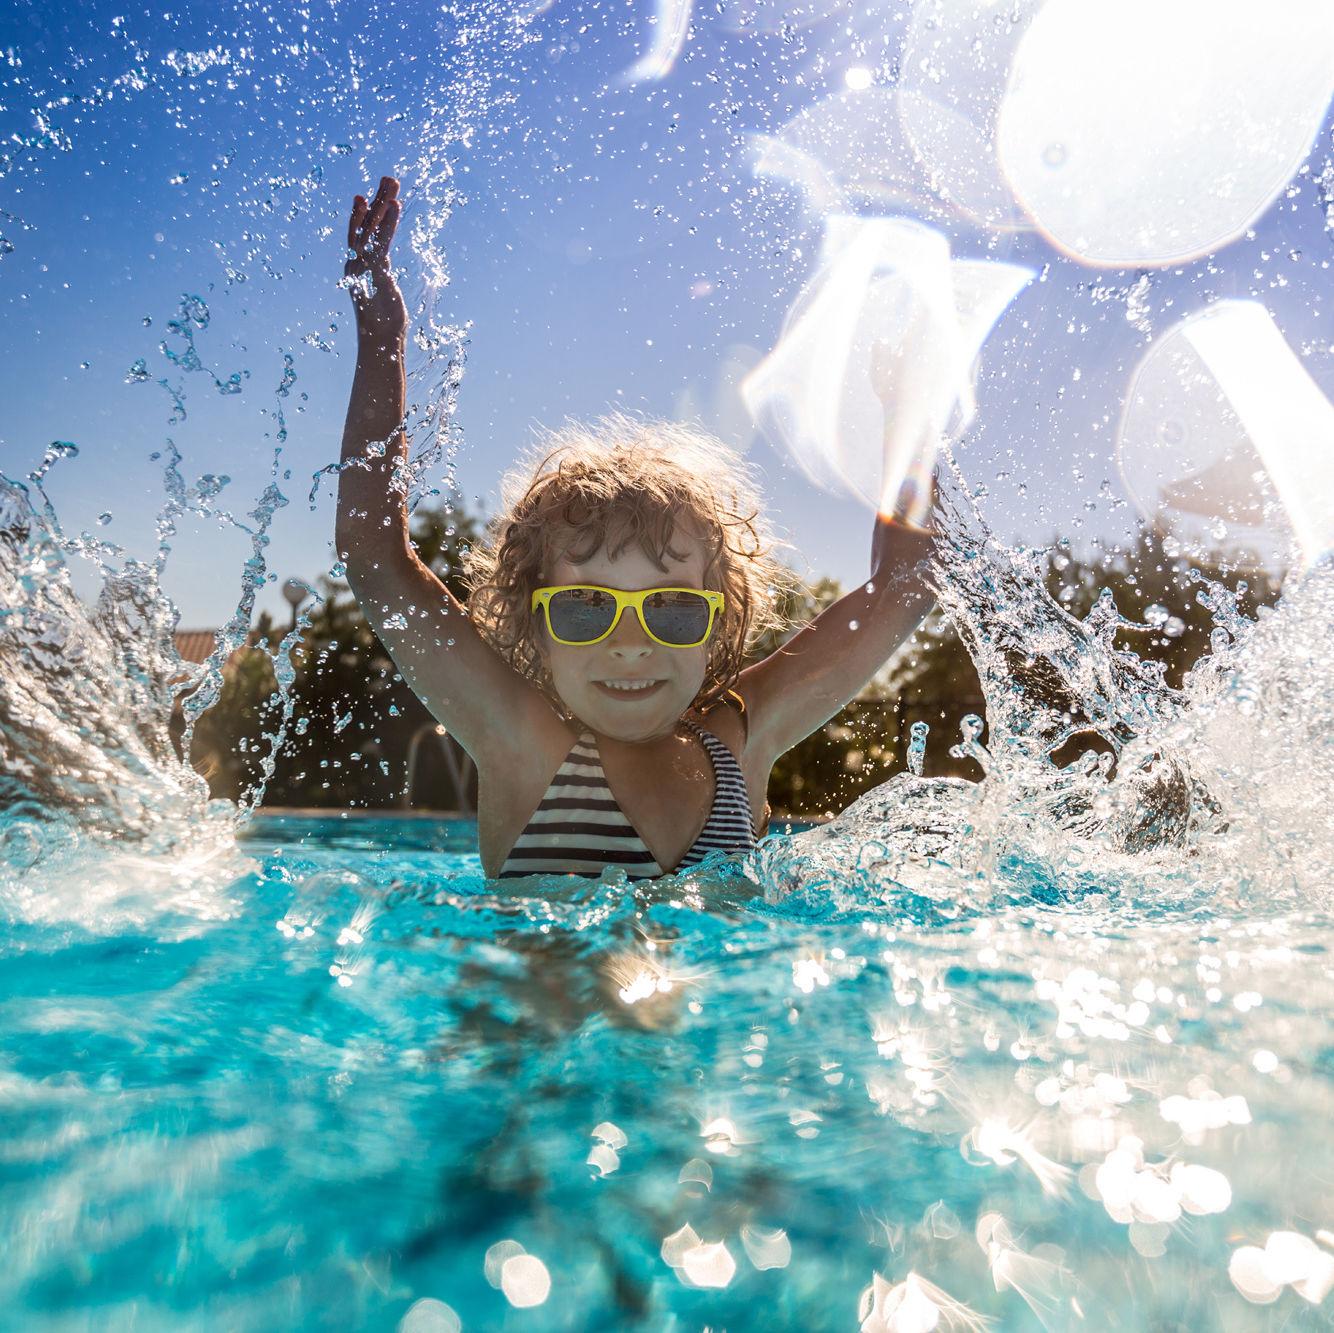 Shutterstock 274883654 ukjxvk